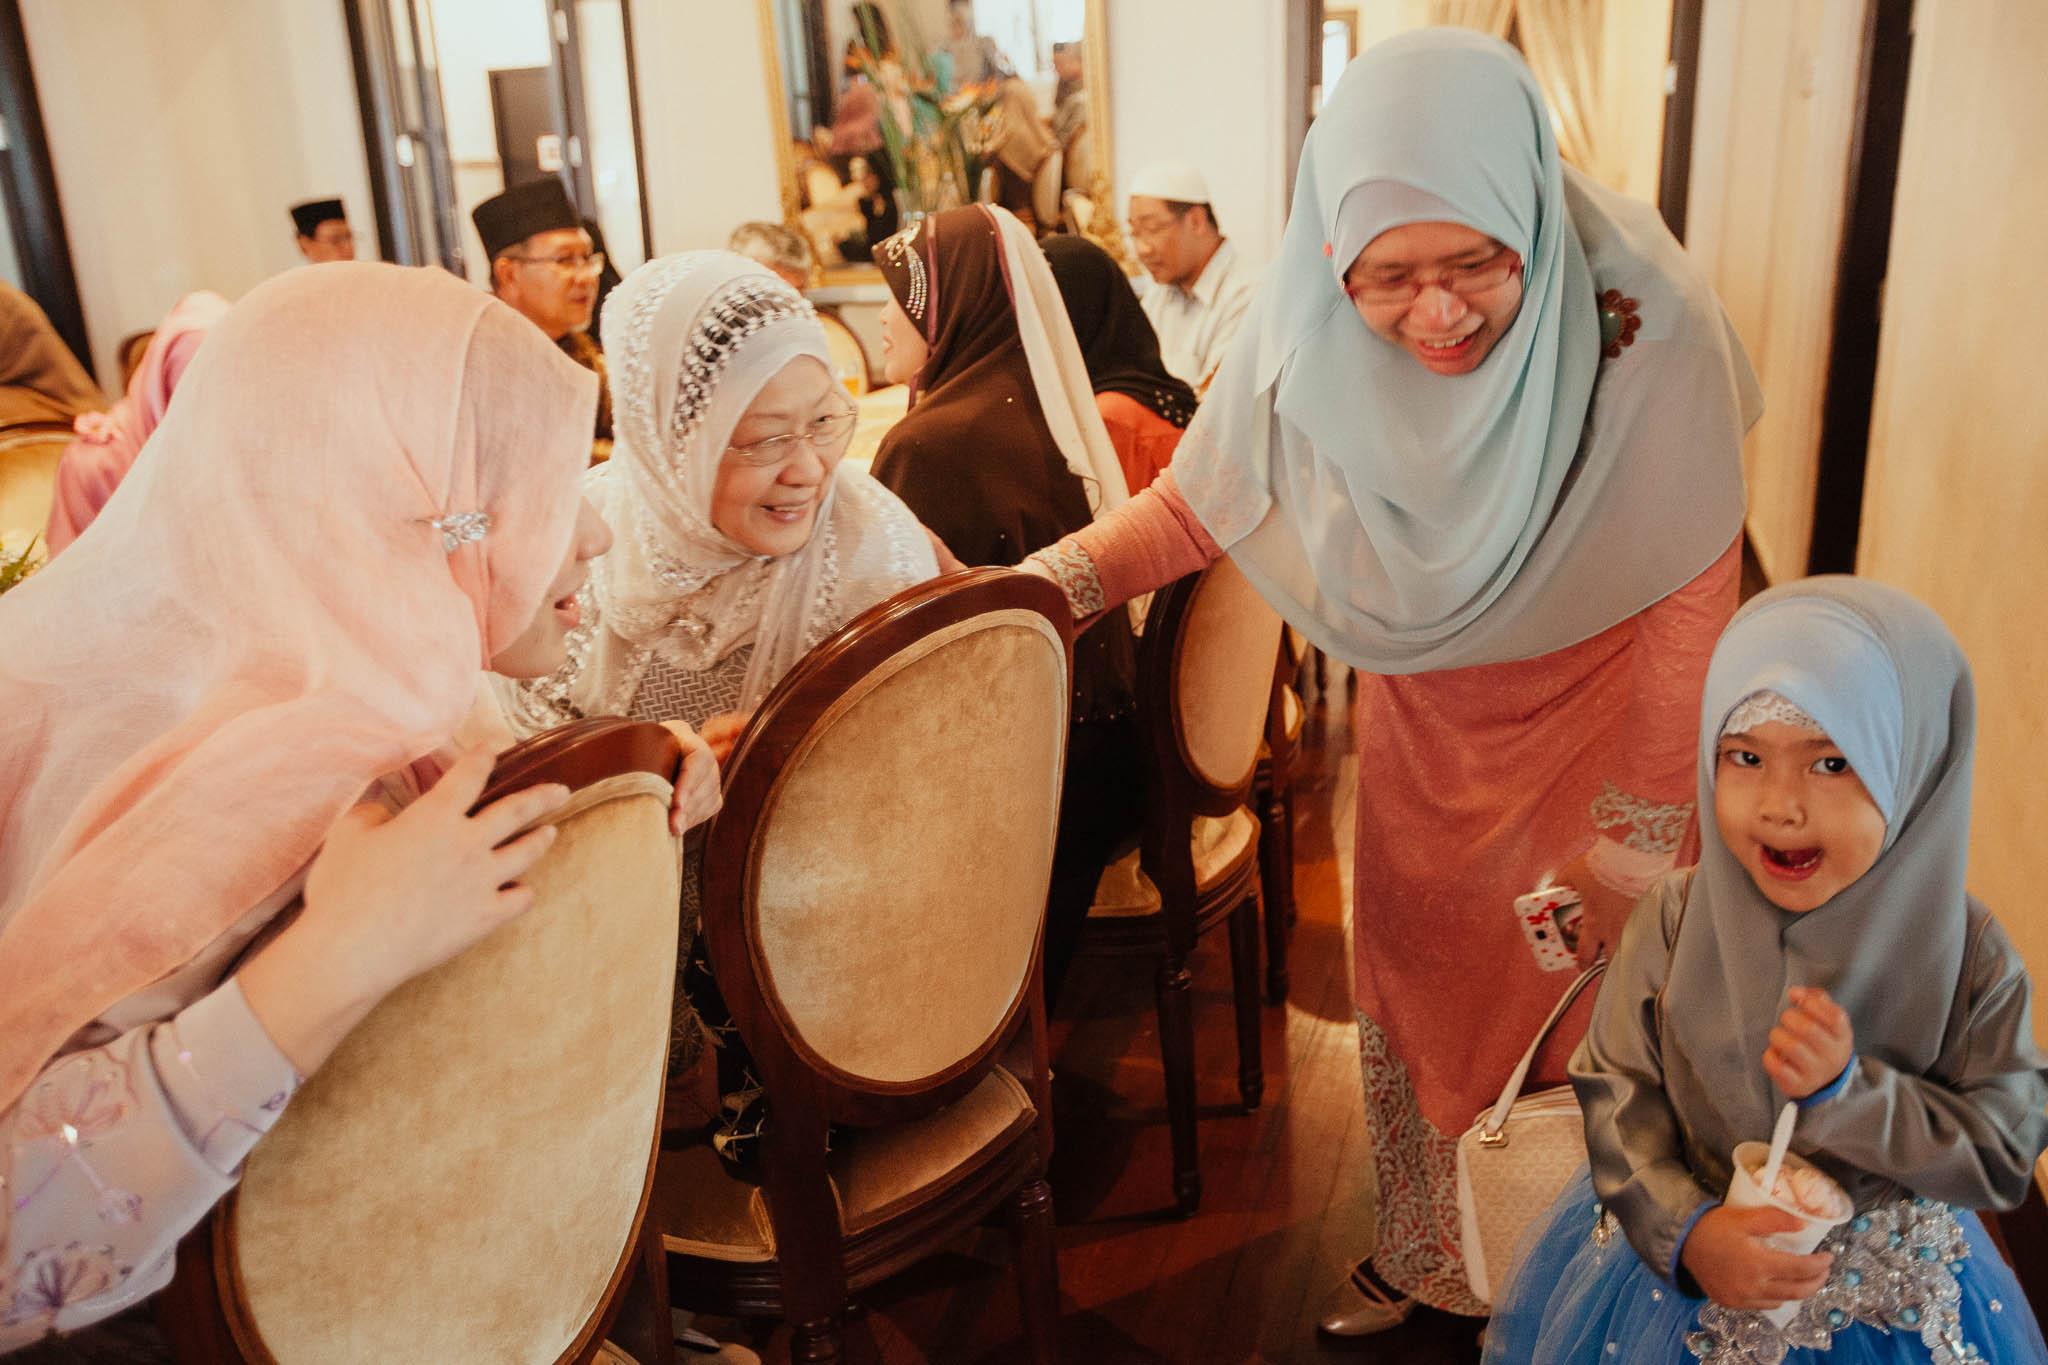 singapore-wedding-photographer-travel-wemadethese-atara-hafizah-37.jpg